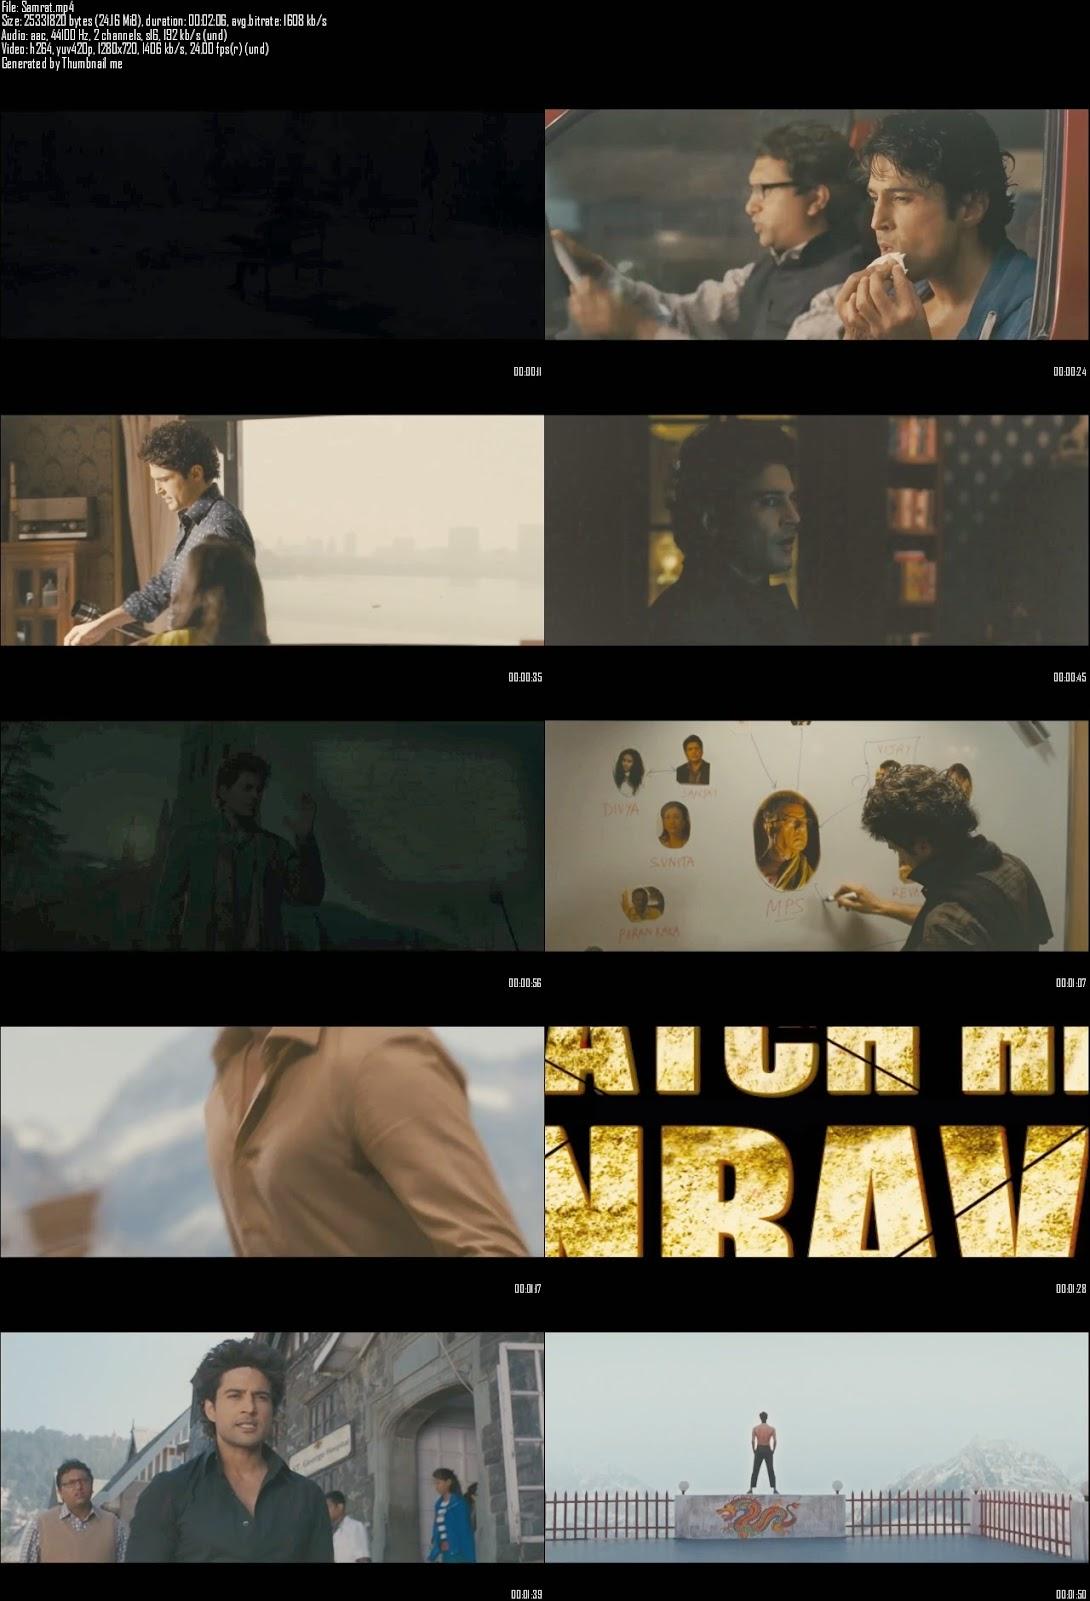 Mediafire Resumable Download Link For Teaser Promo Of Samrat & Co. (2014)